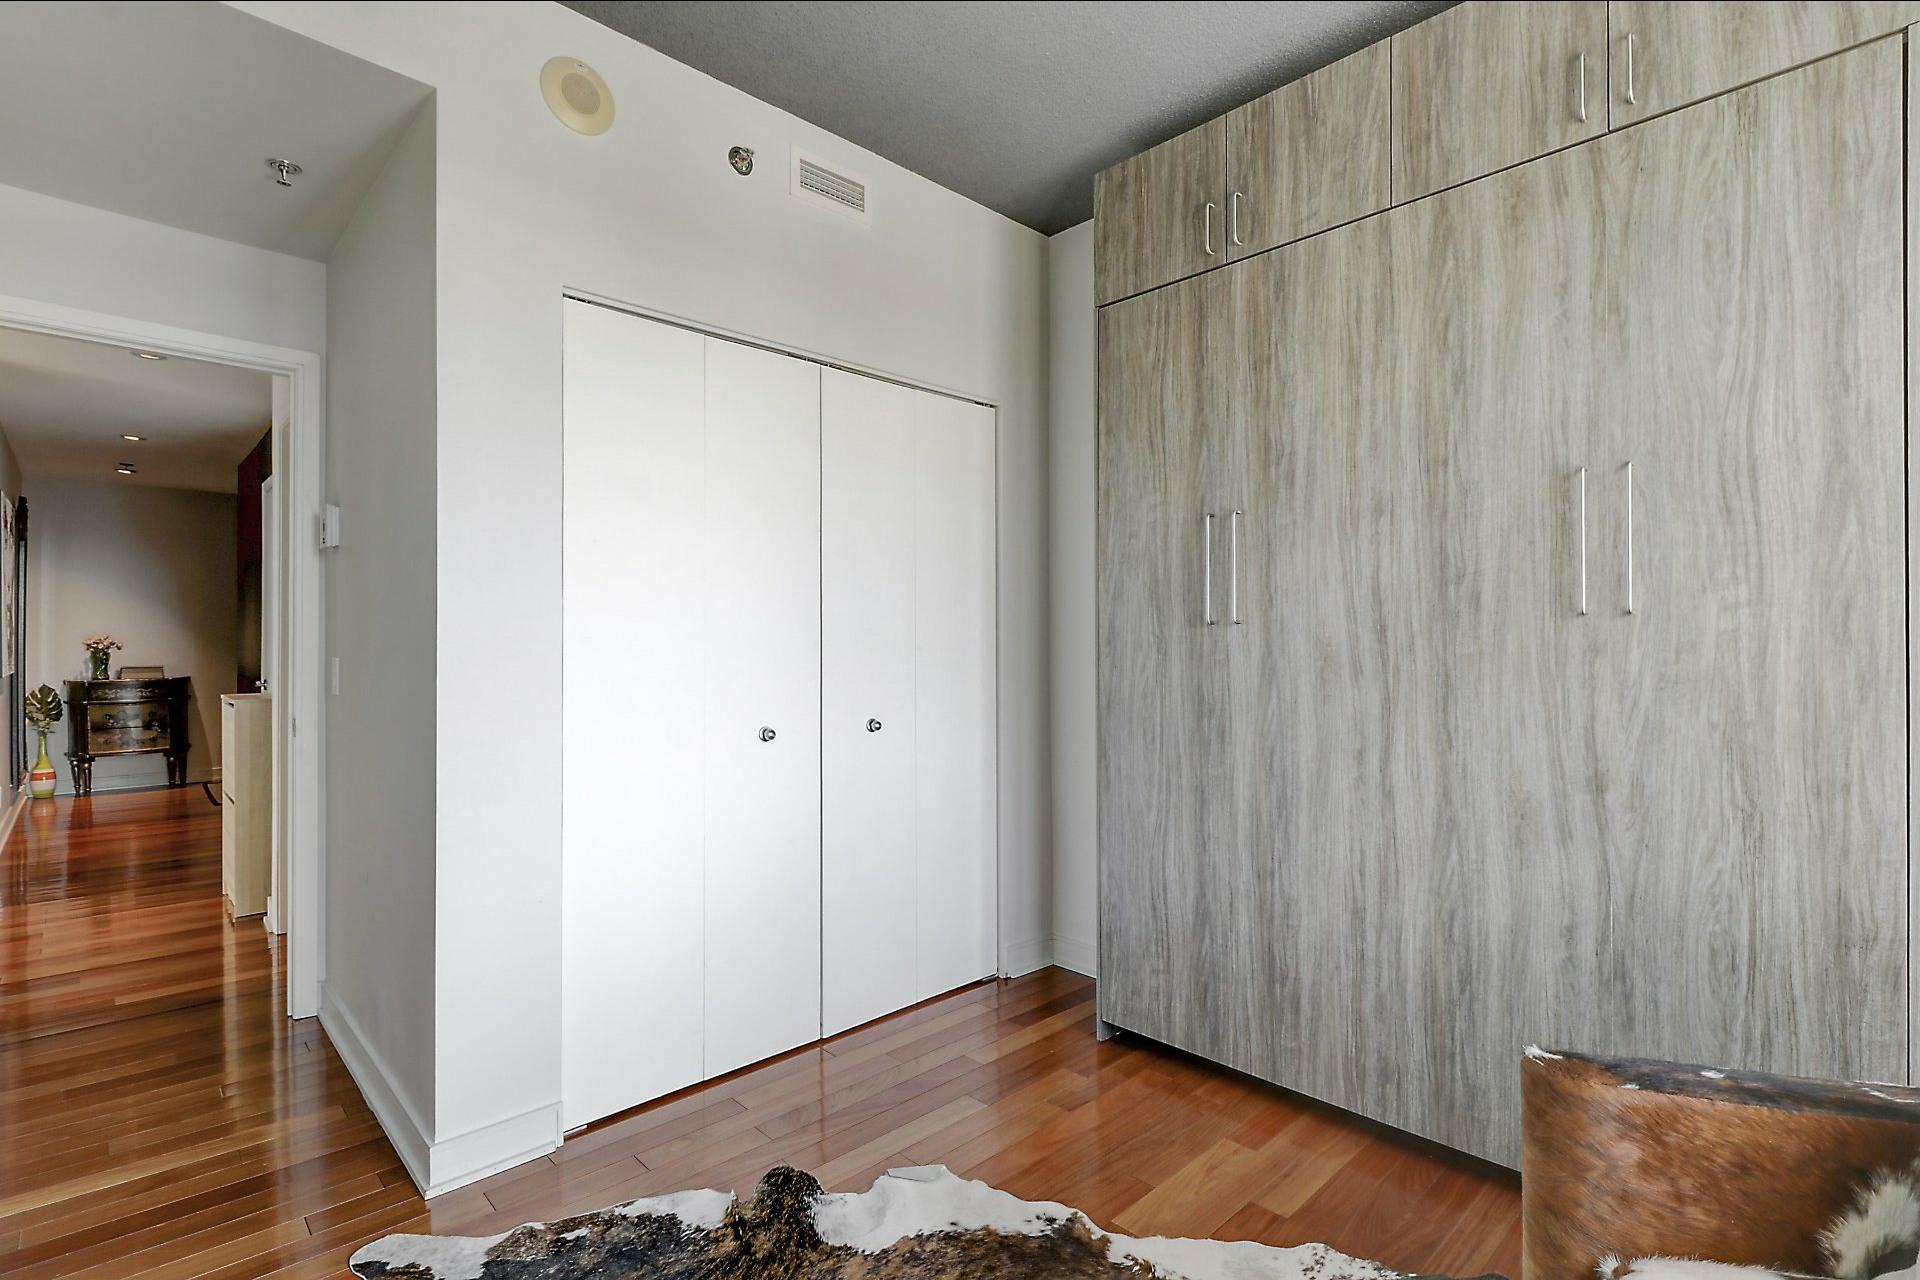 image 15 - Appartement À vendre Verdun/Île-des-Soeurs Montréal  - 5 pièces